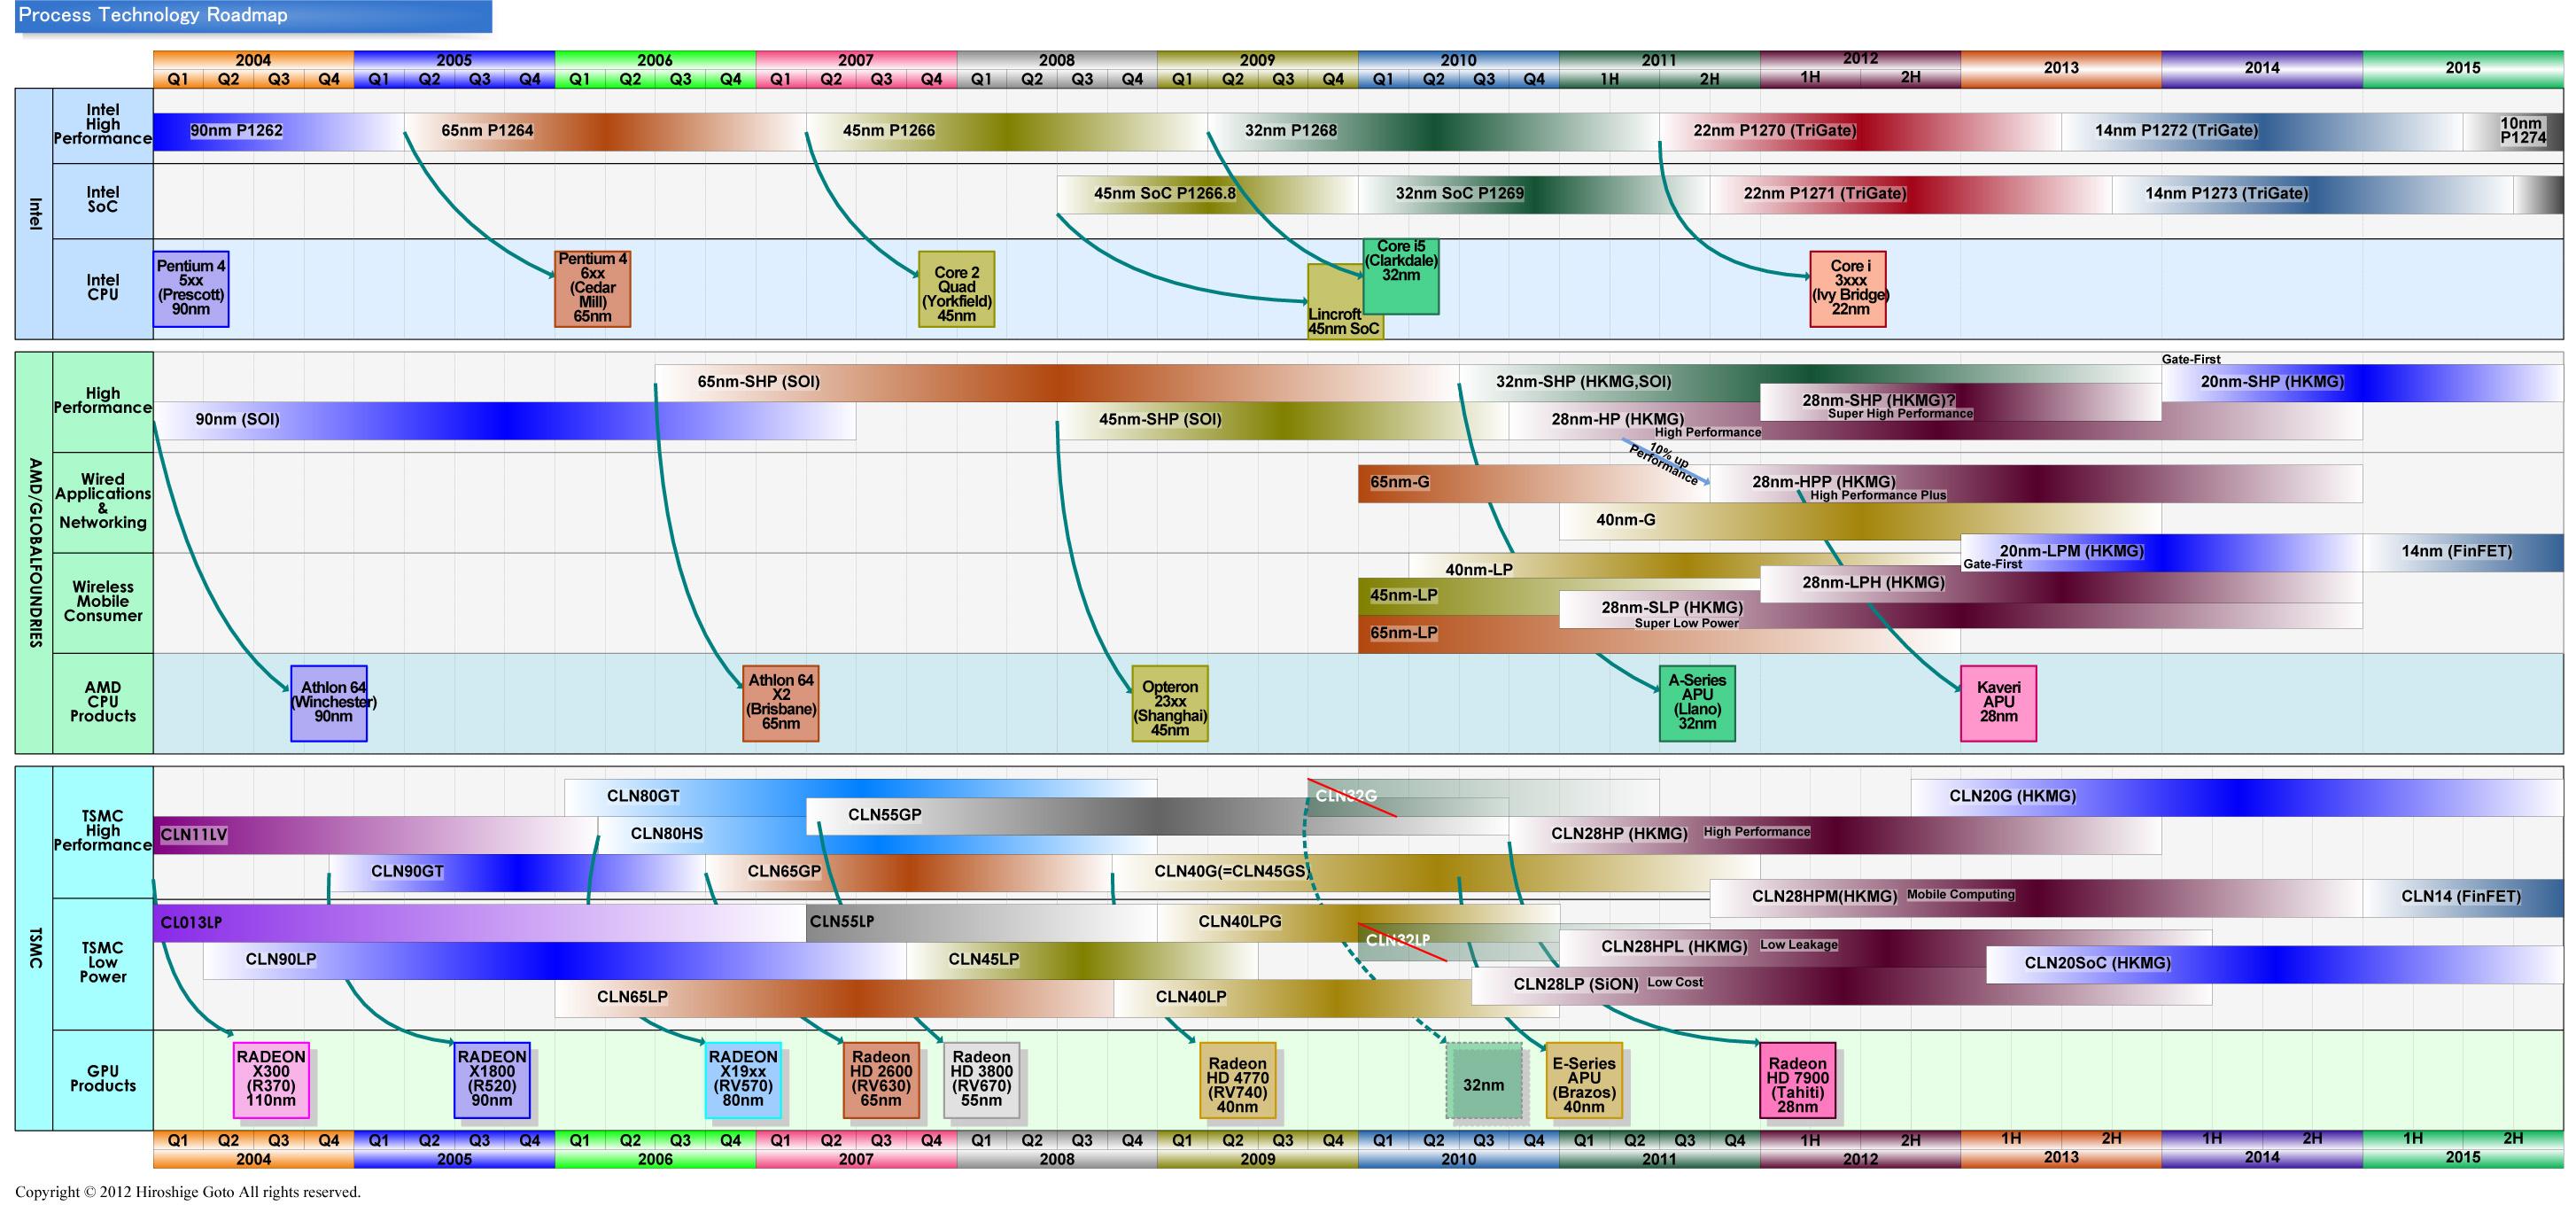 """ファウンダリ企業のプロセスロードマップ<br>PDF版は<a href=""""/video/pcw/docs/538/586/p6.pdf"""">こちら</a>"""